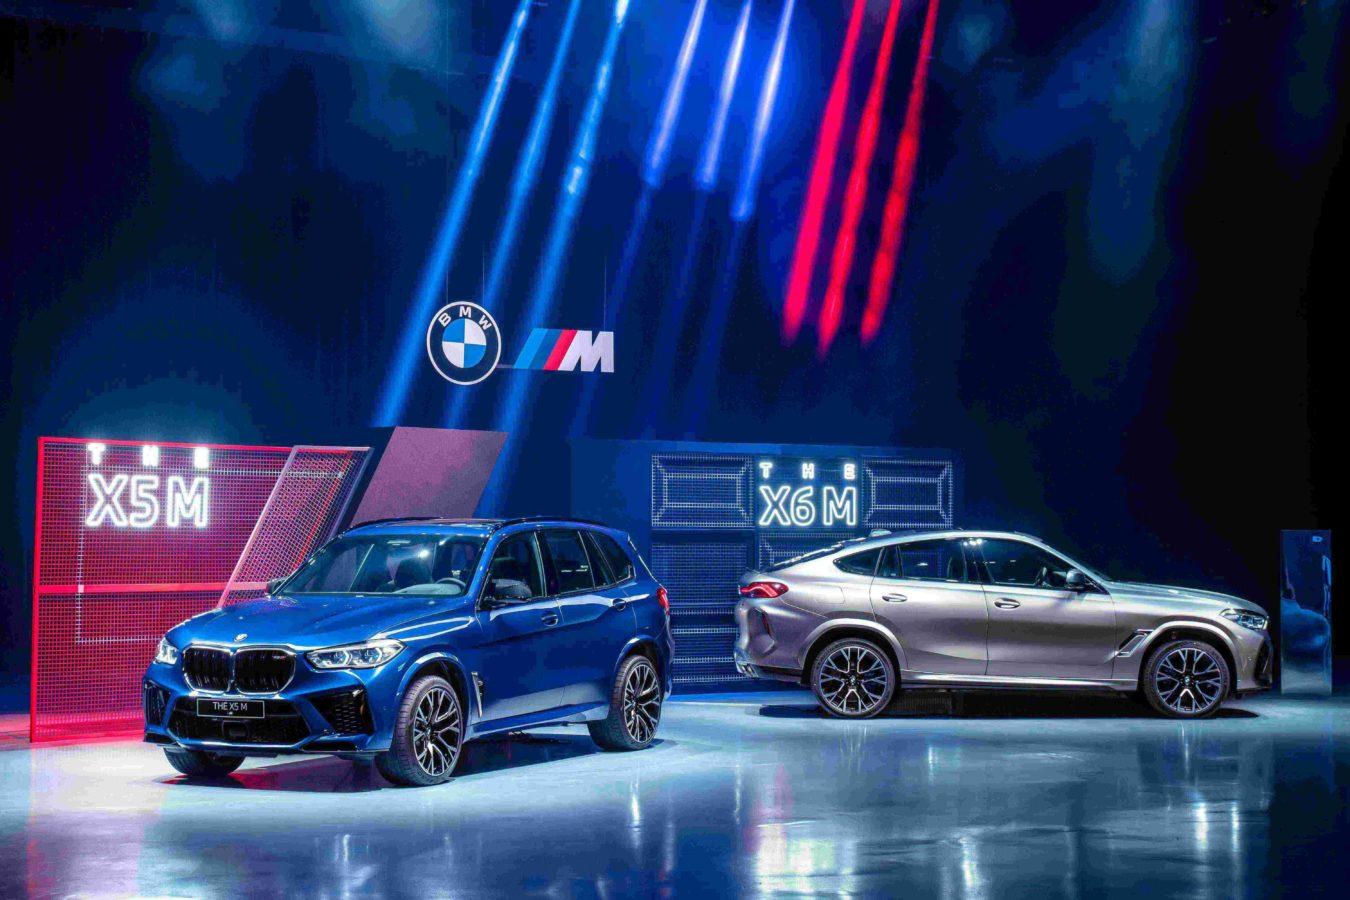 全新世代 BMW X5 M  鼓譟跑魂的豪華運動休旅車 Performance In Its Prime